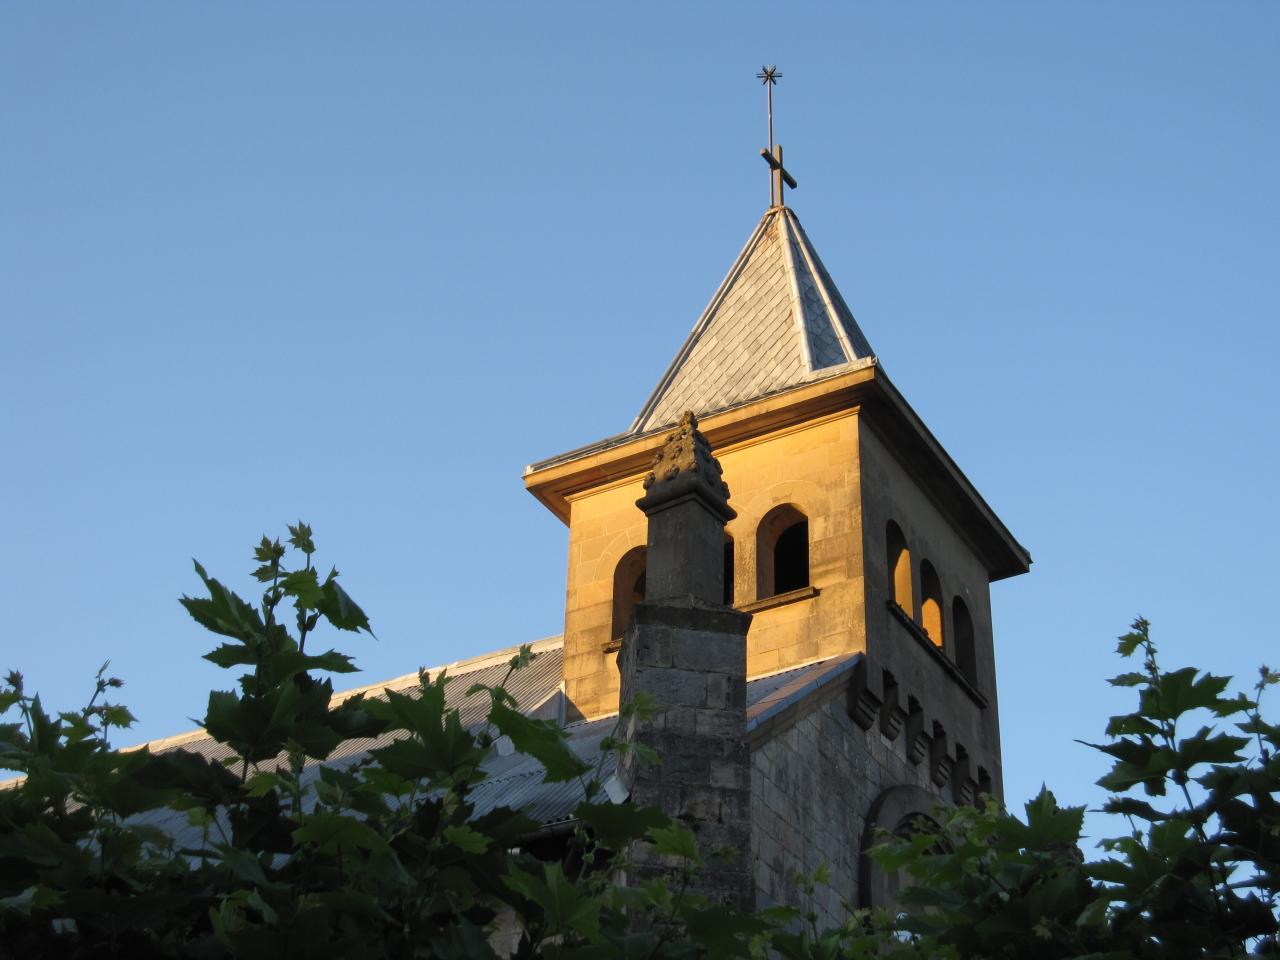 Là où se trouve une église, nos coeurs sont toujours proches...